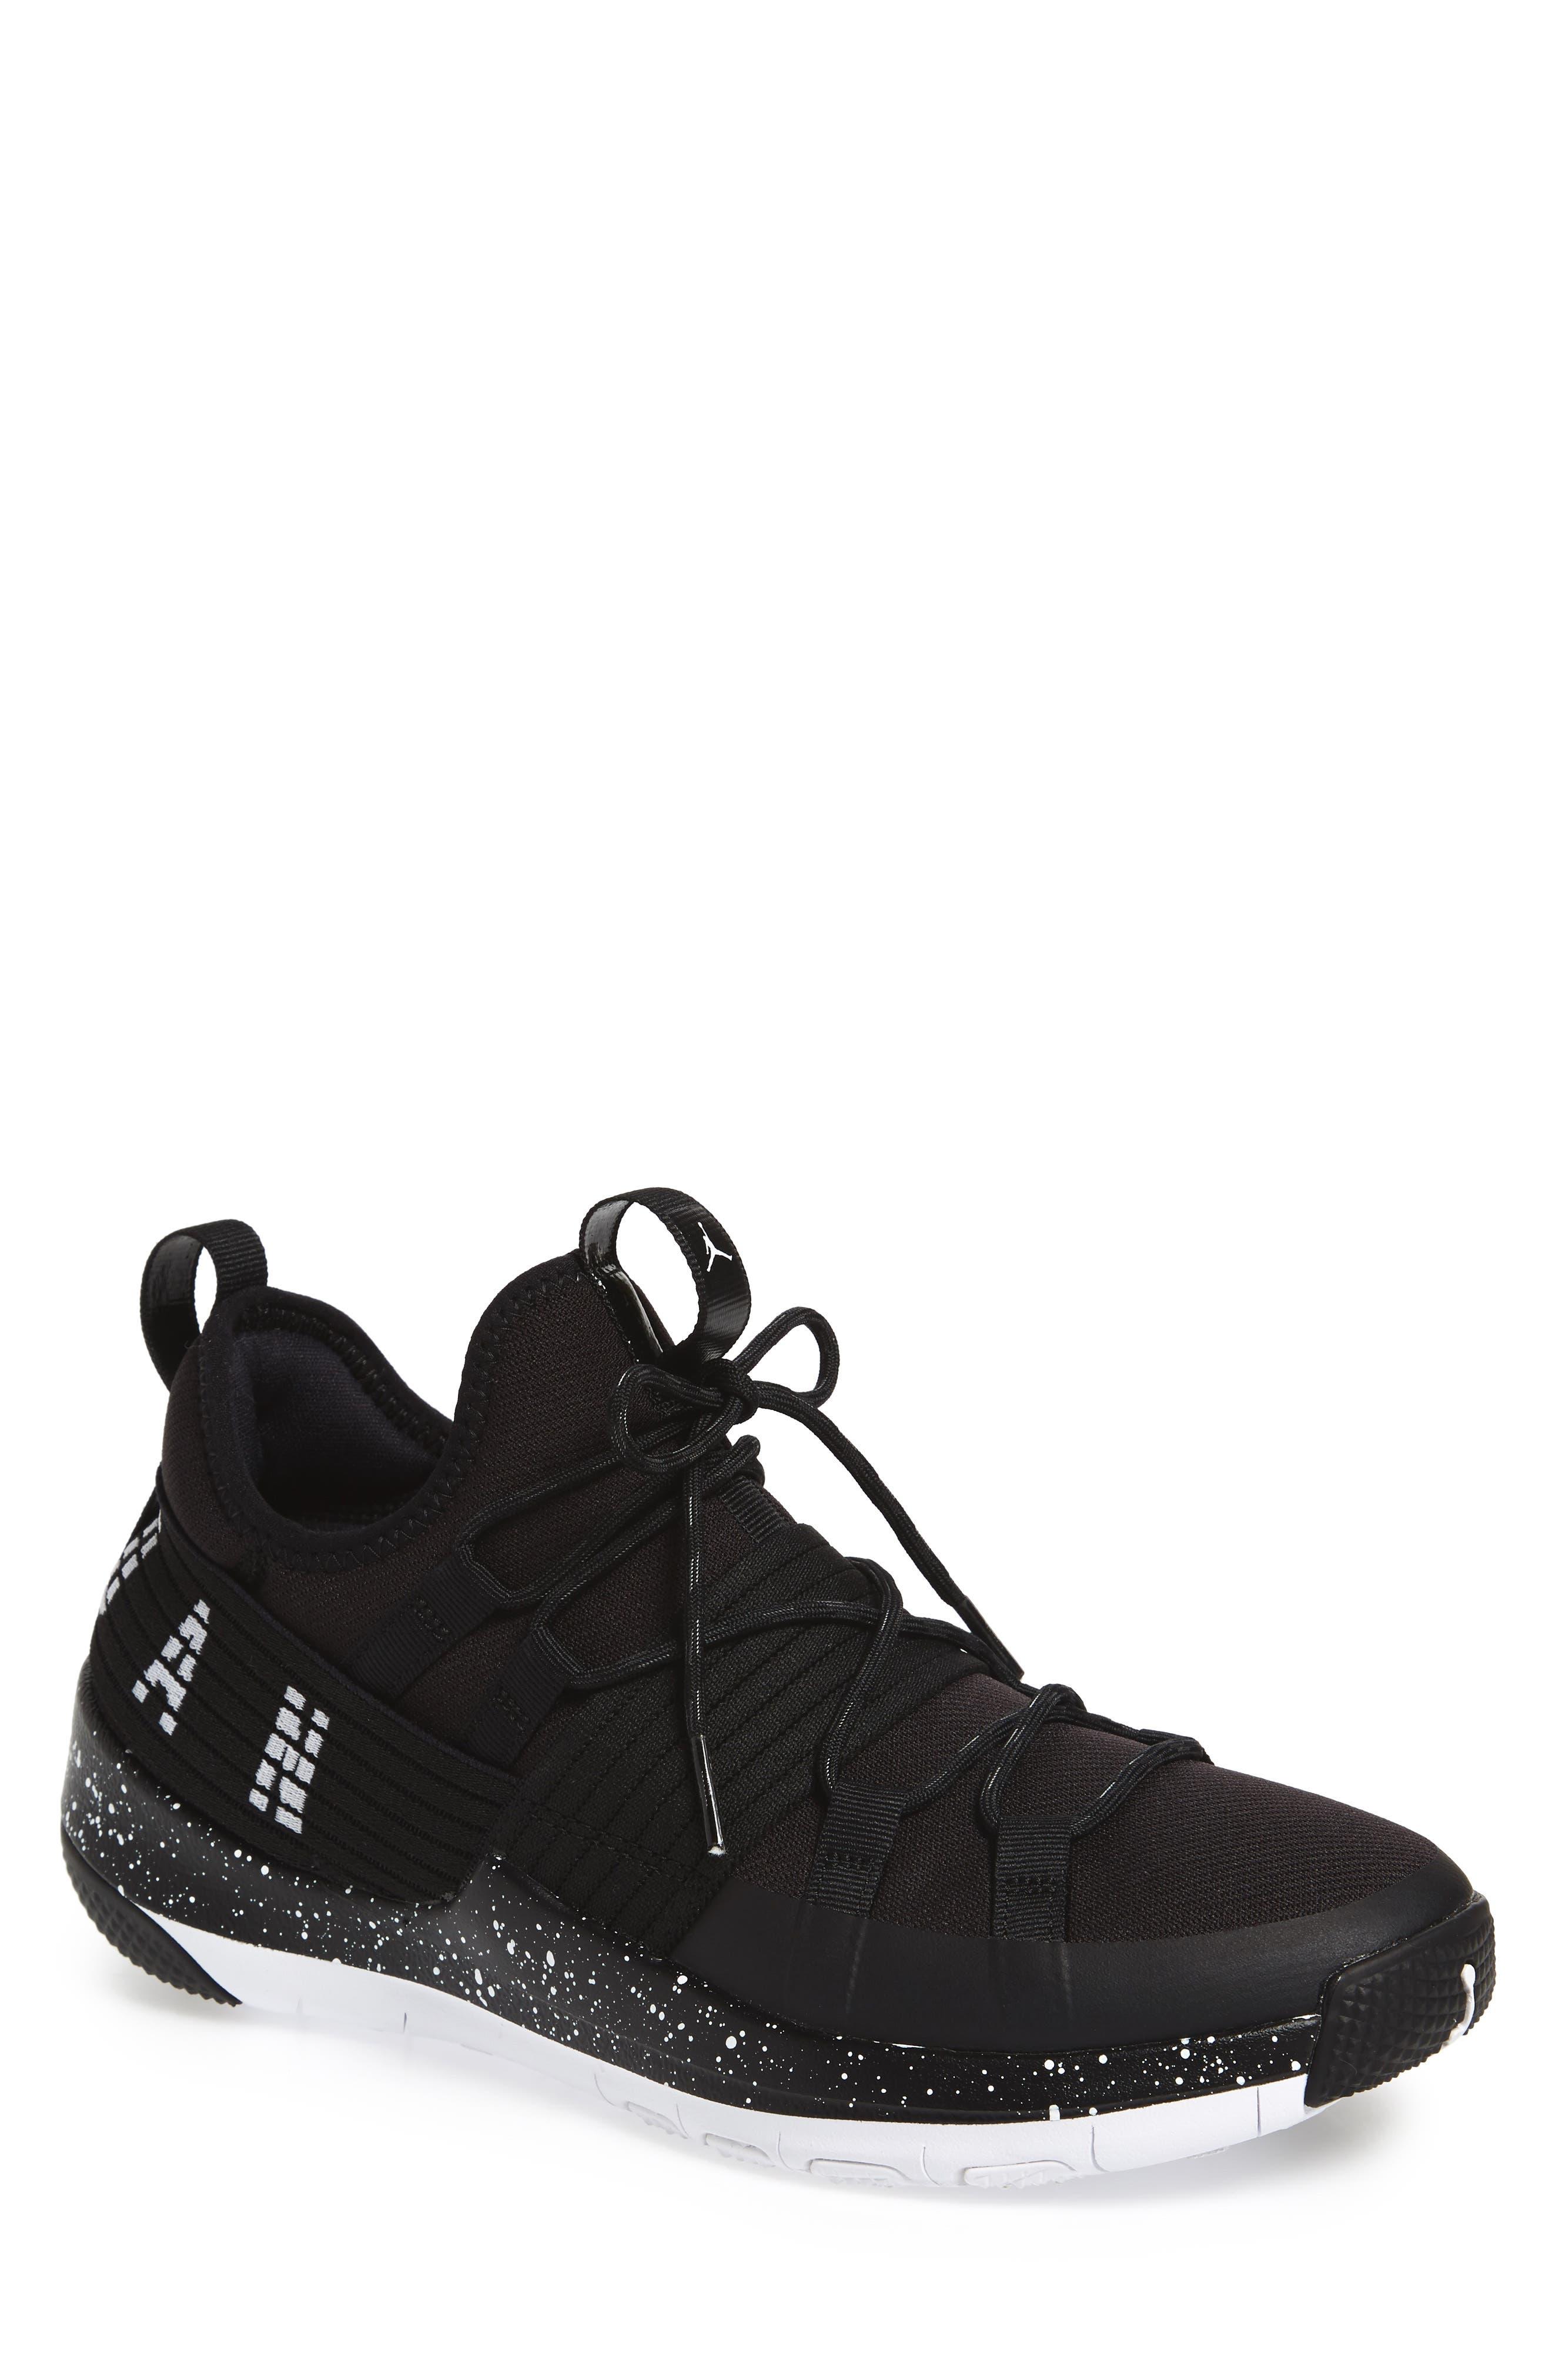 Jordan Trainer Pro Training Shoe,                             Main thumbnail 1, color,                             010